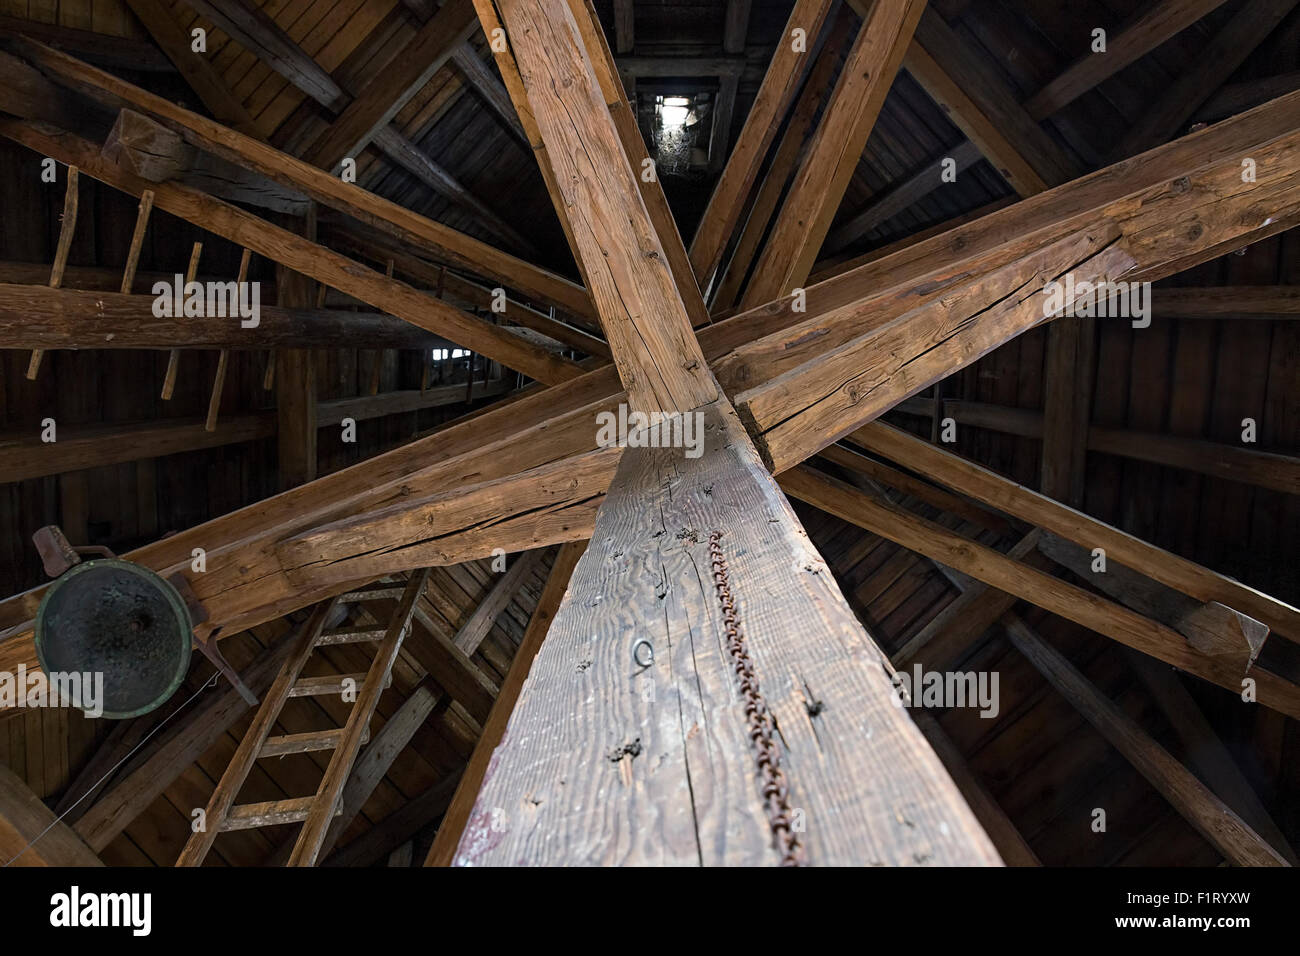 alte holzbalken im dachgeschoss des historischen turm in prag stockfoto bild 87193313 alamy. Black Bedroom Furniture Sets. Home Design Ideas